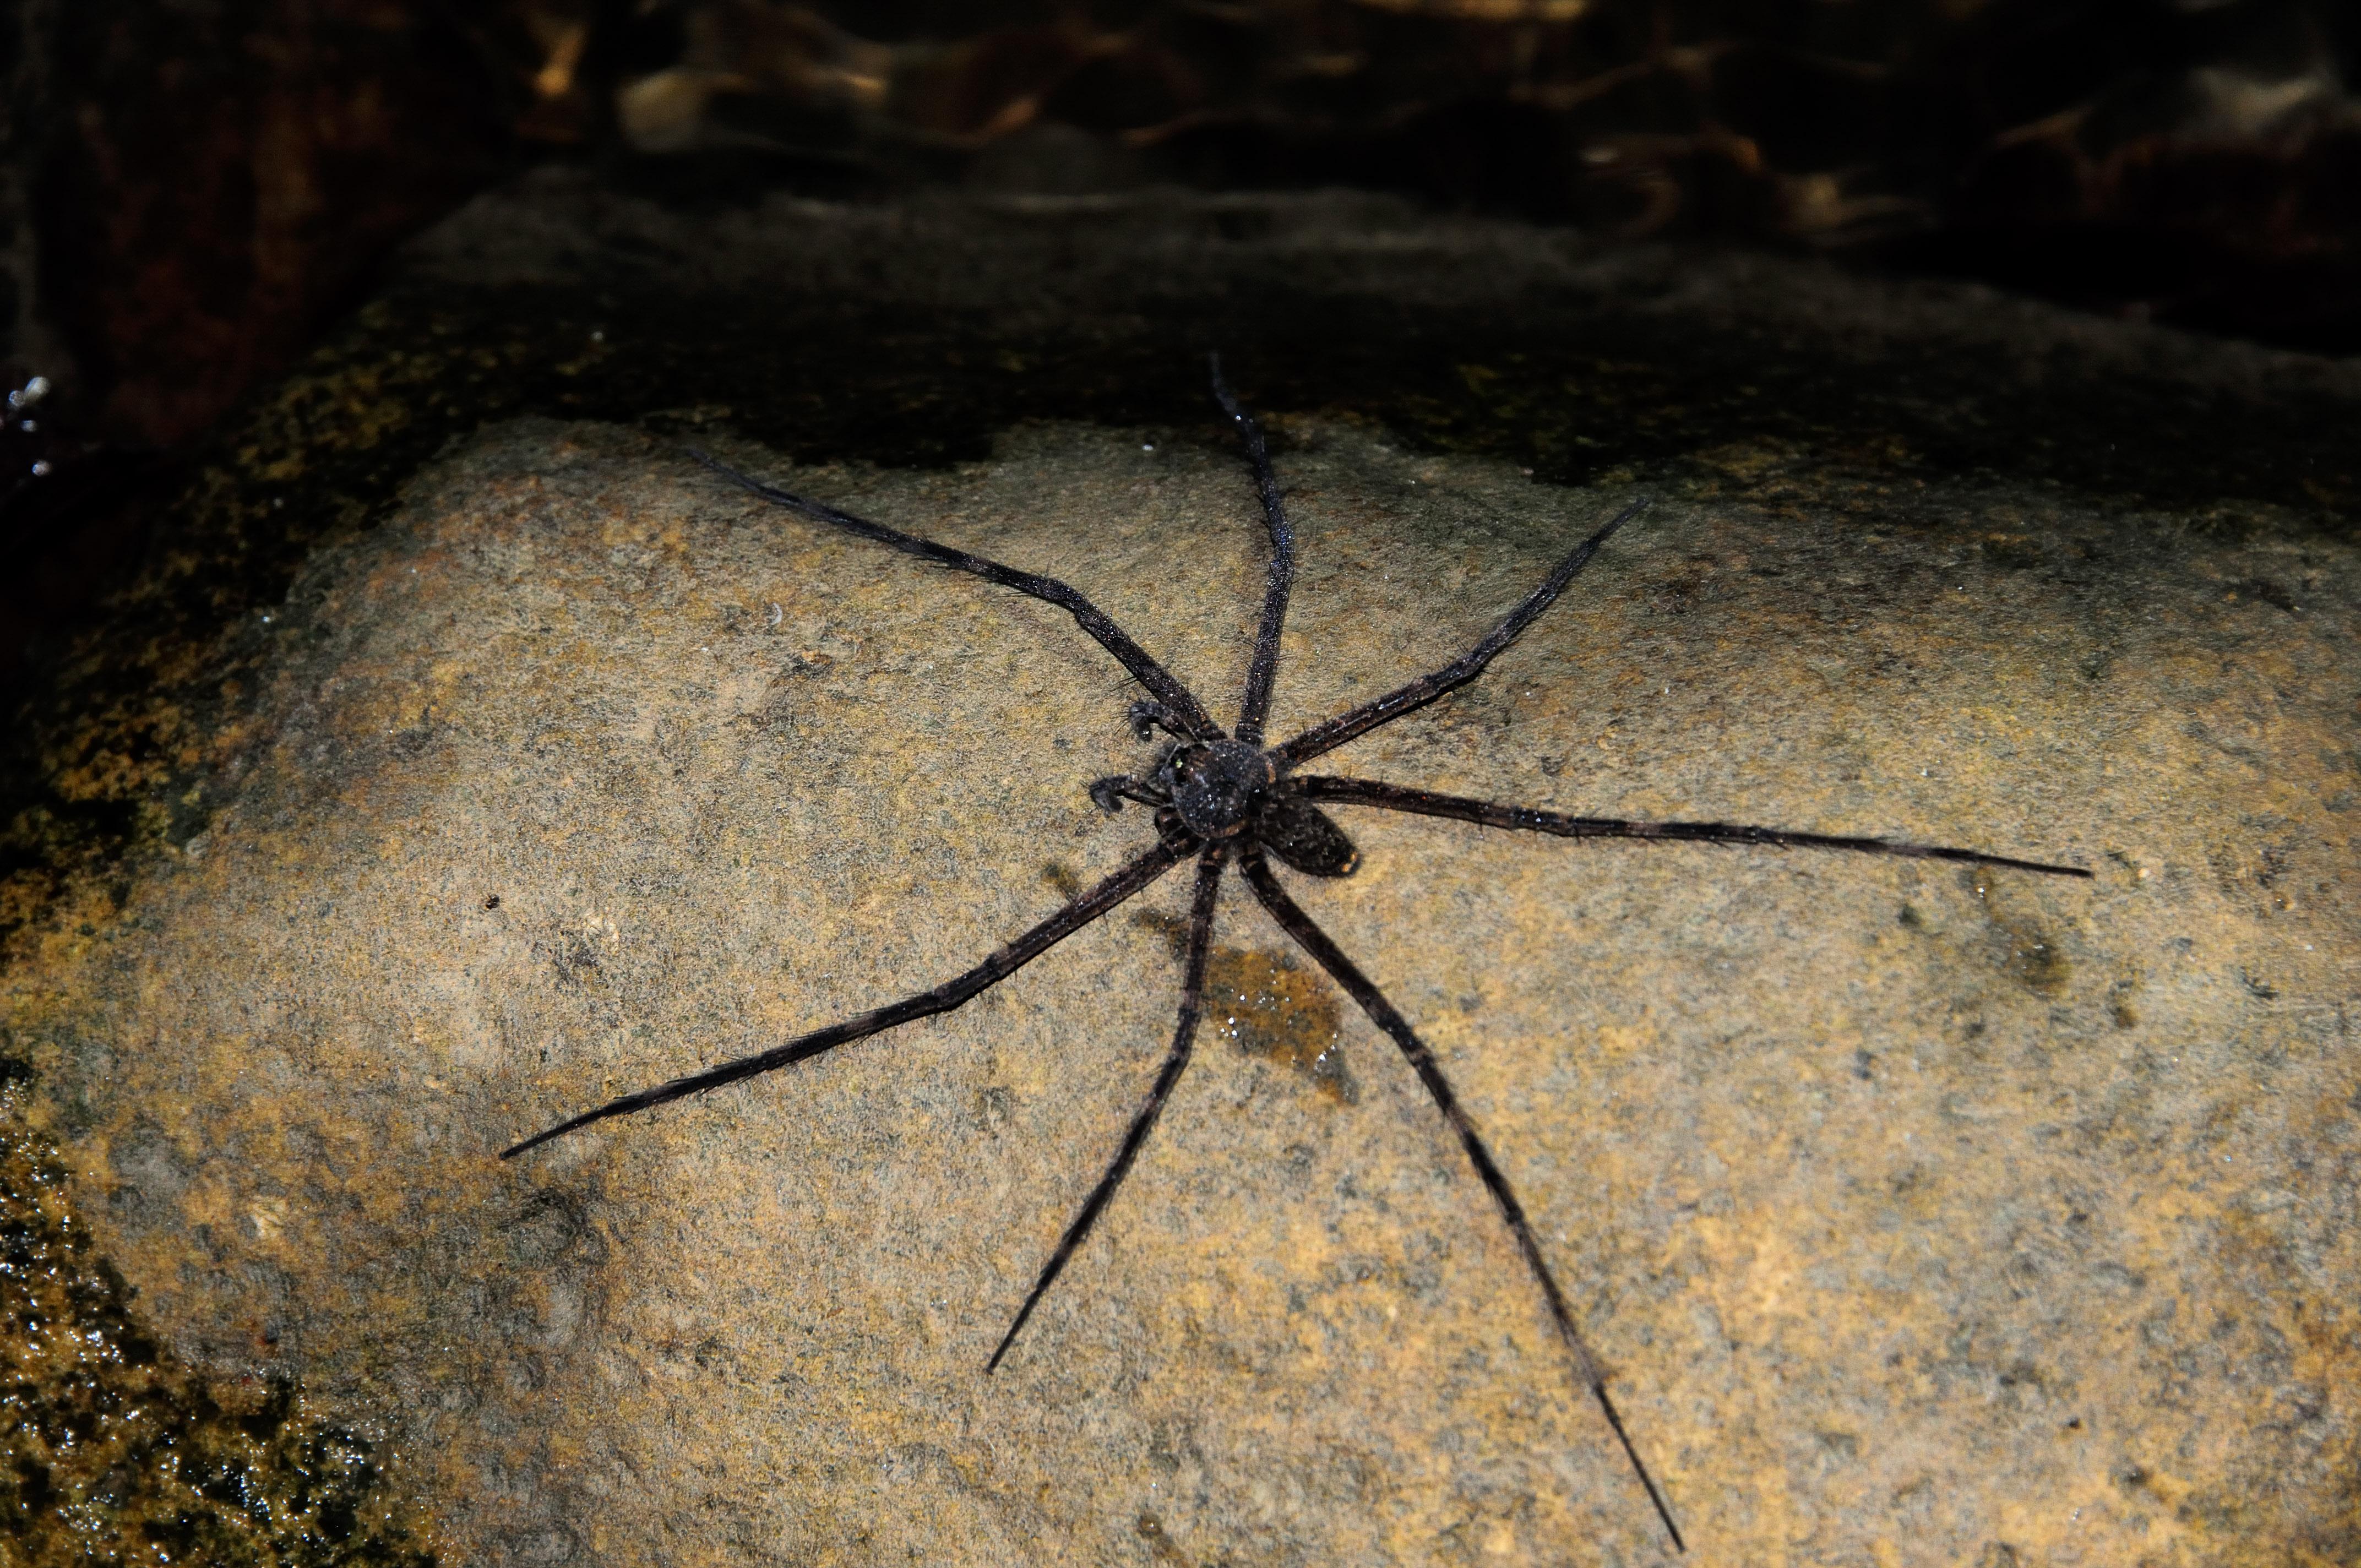 (FIL OUVERT à tous) vous aimez les araignées? 738823Equateur17482